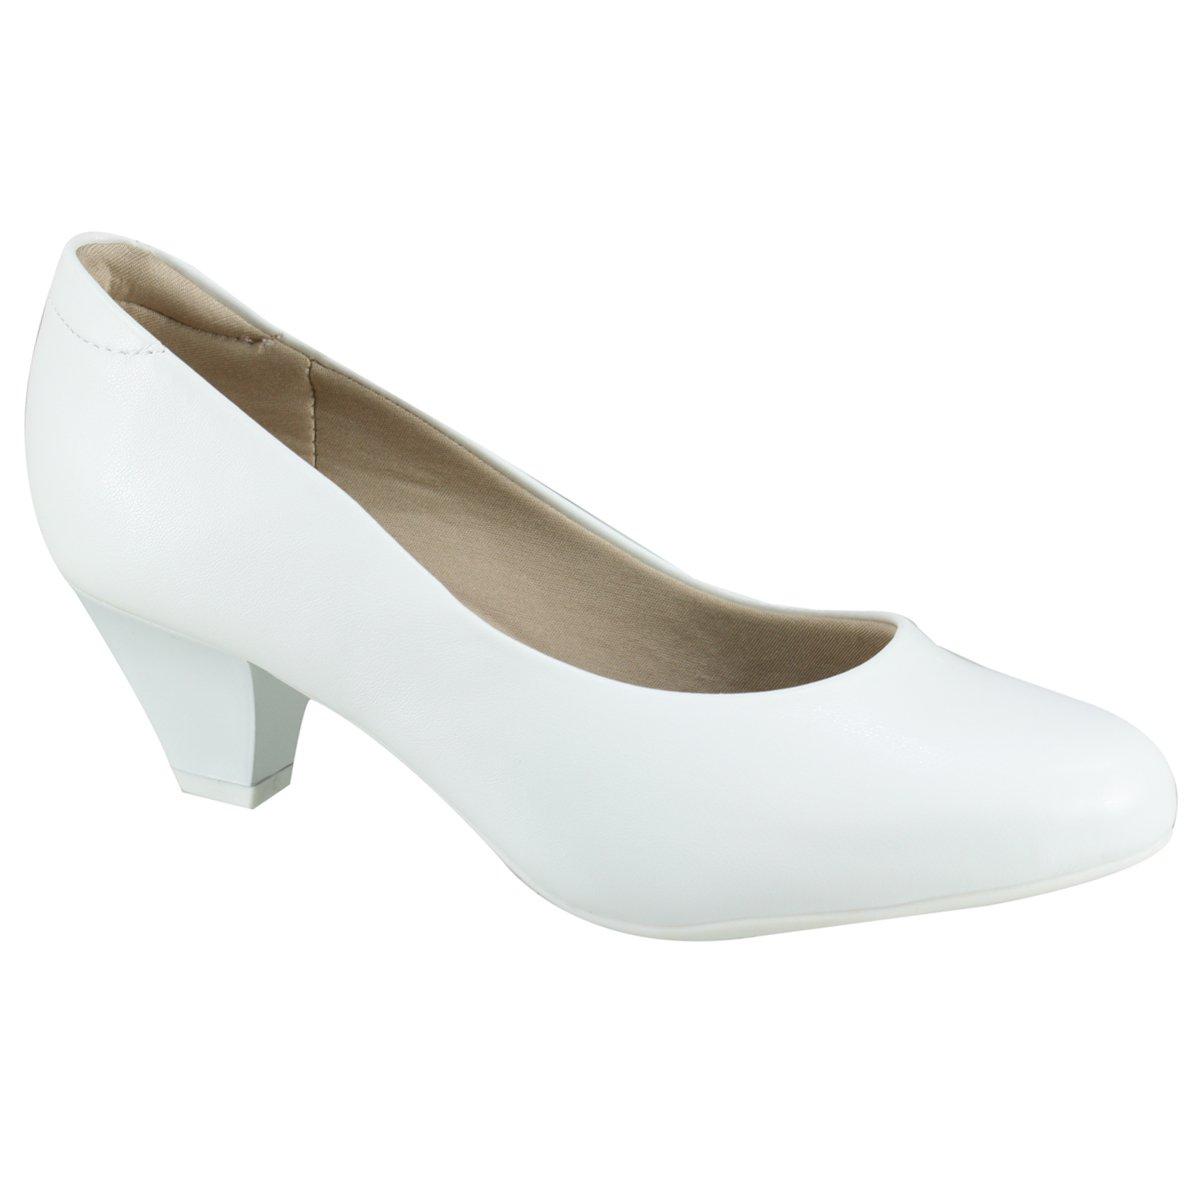 2ac895671 Passe o mouse para ver detalhes. Amplie a imagem. Sapato Feminino Modare  Ultra Conforto ...